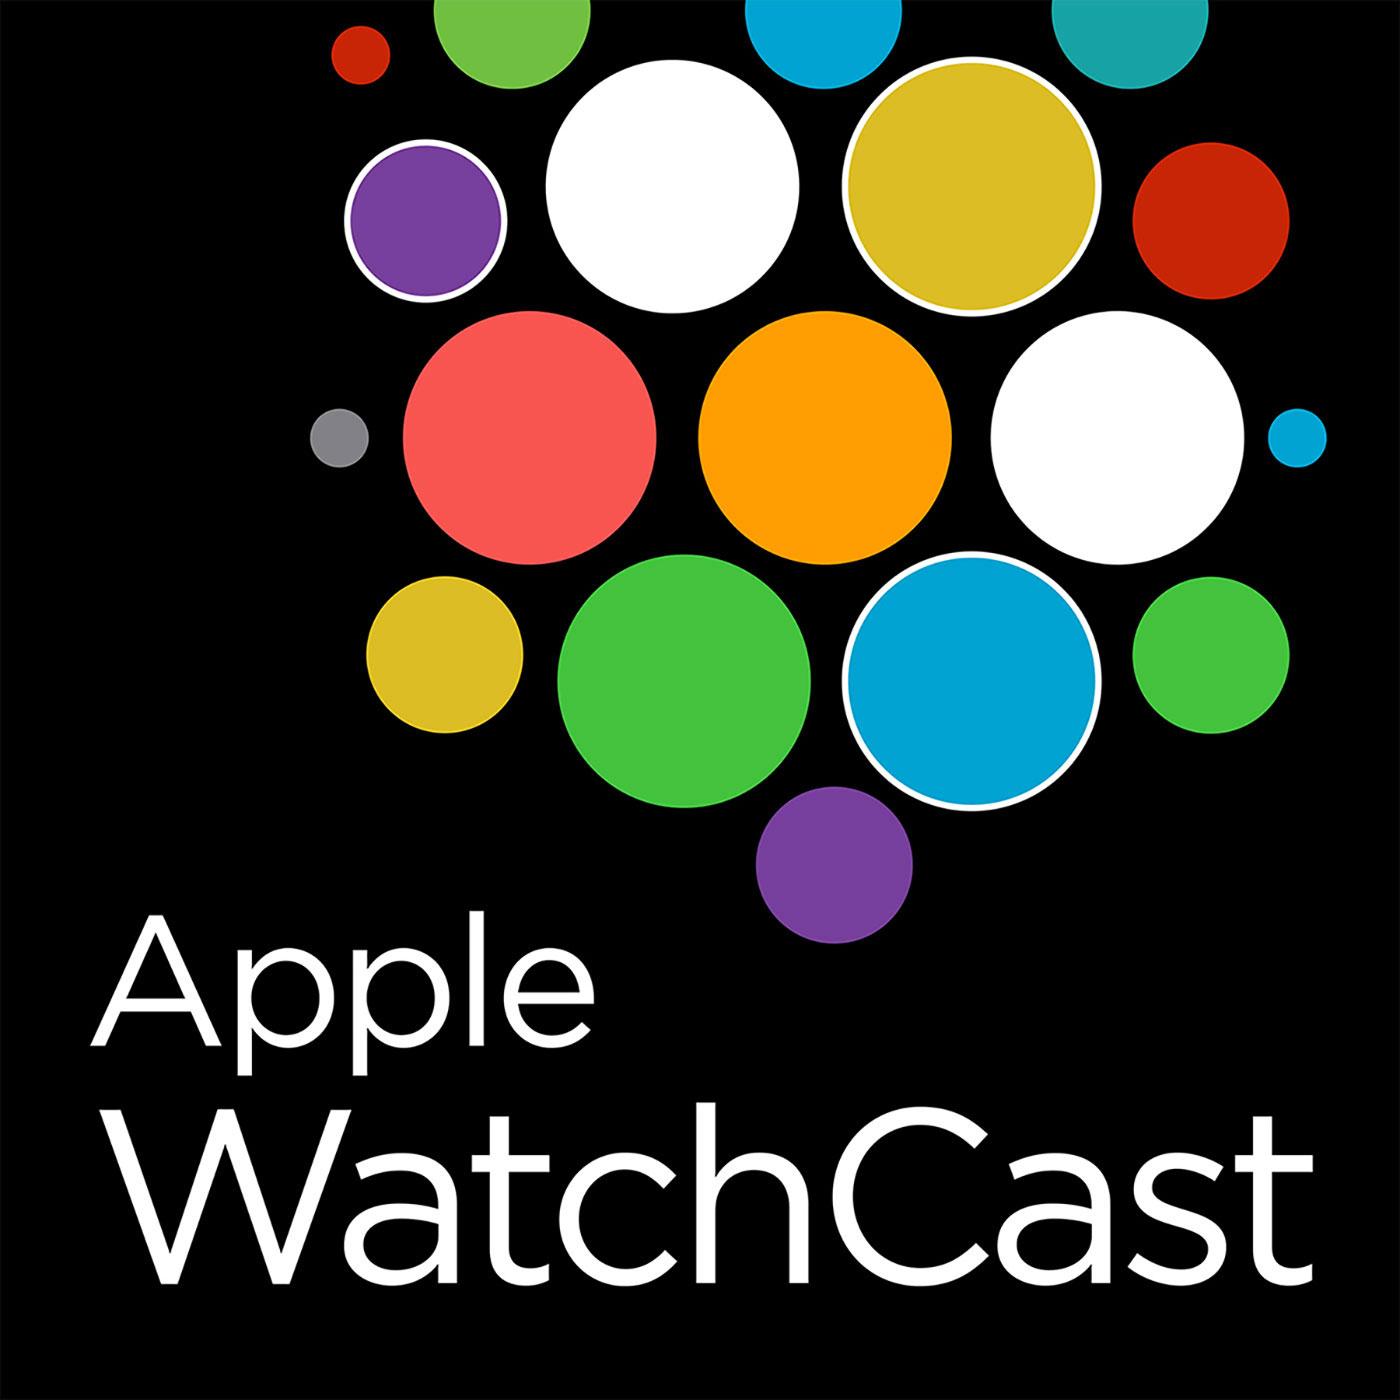 Apple watch logo